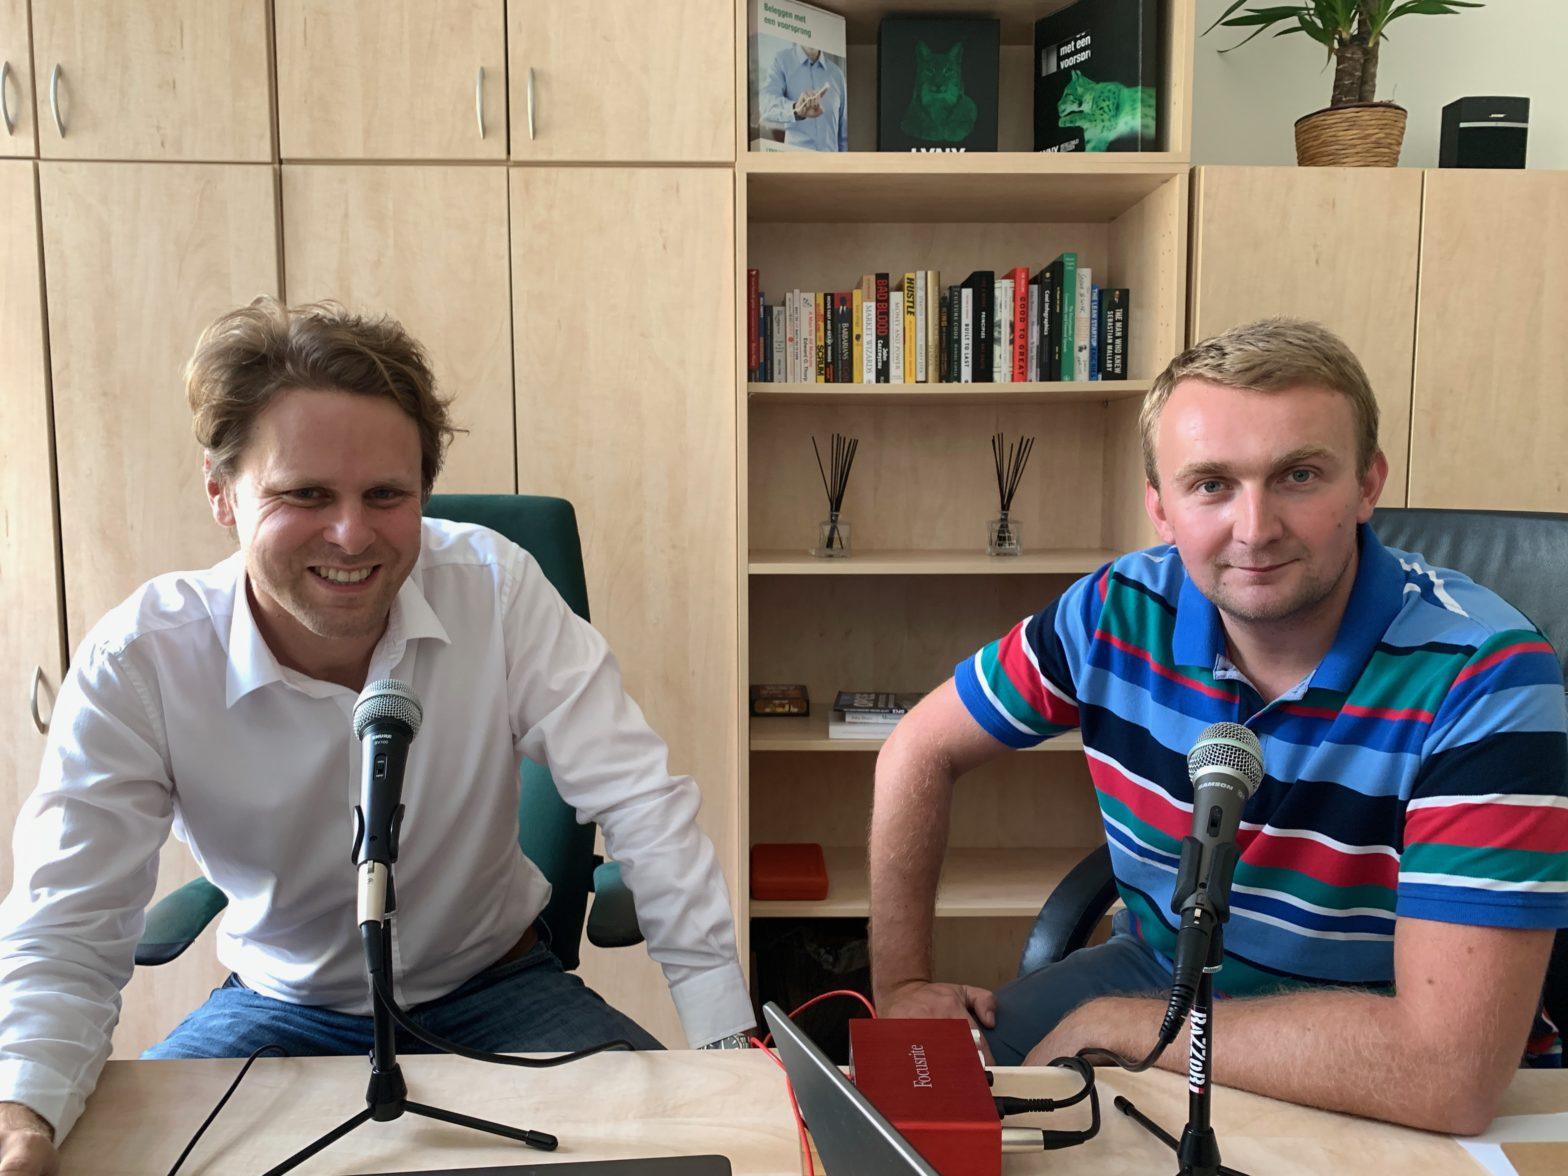 Rozhovor pro LYNX: Jan Rohrbacher o strategiích hedge fondů